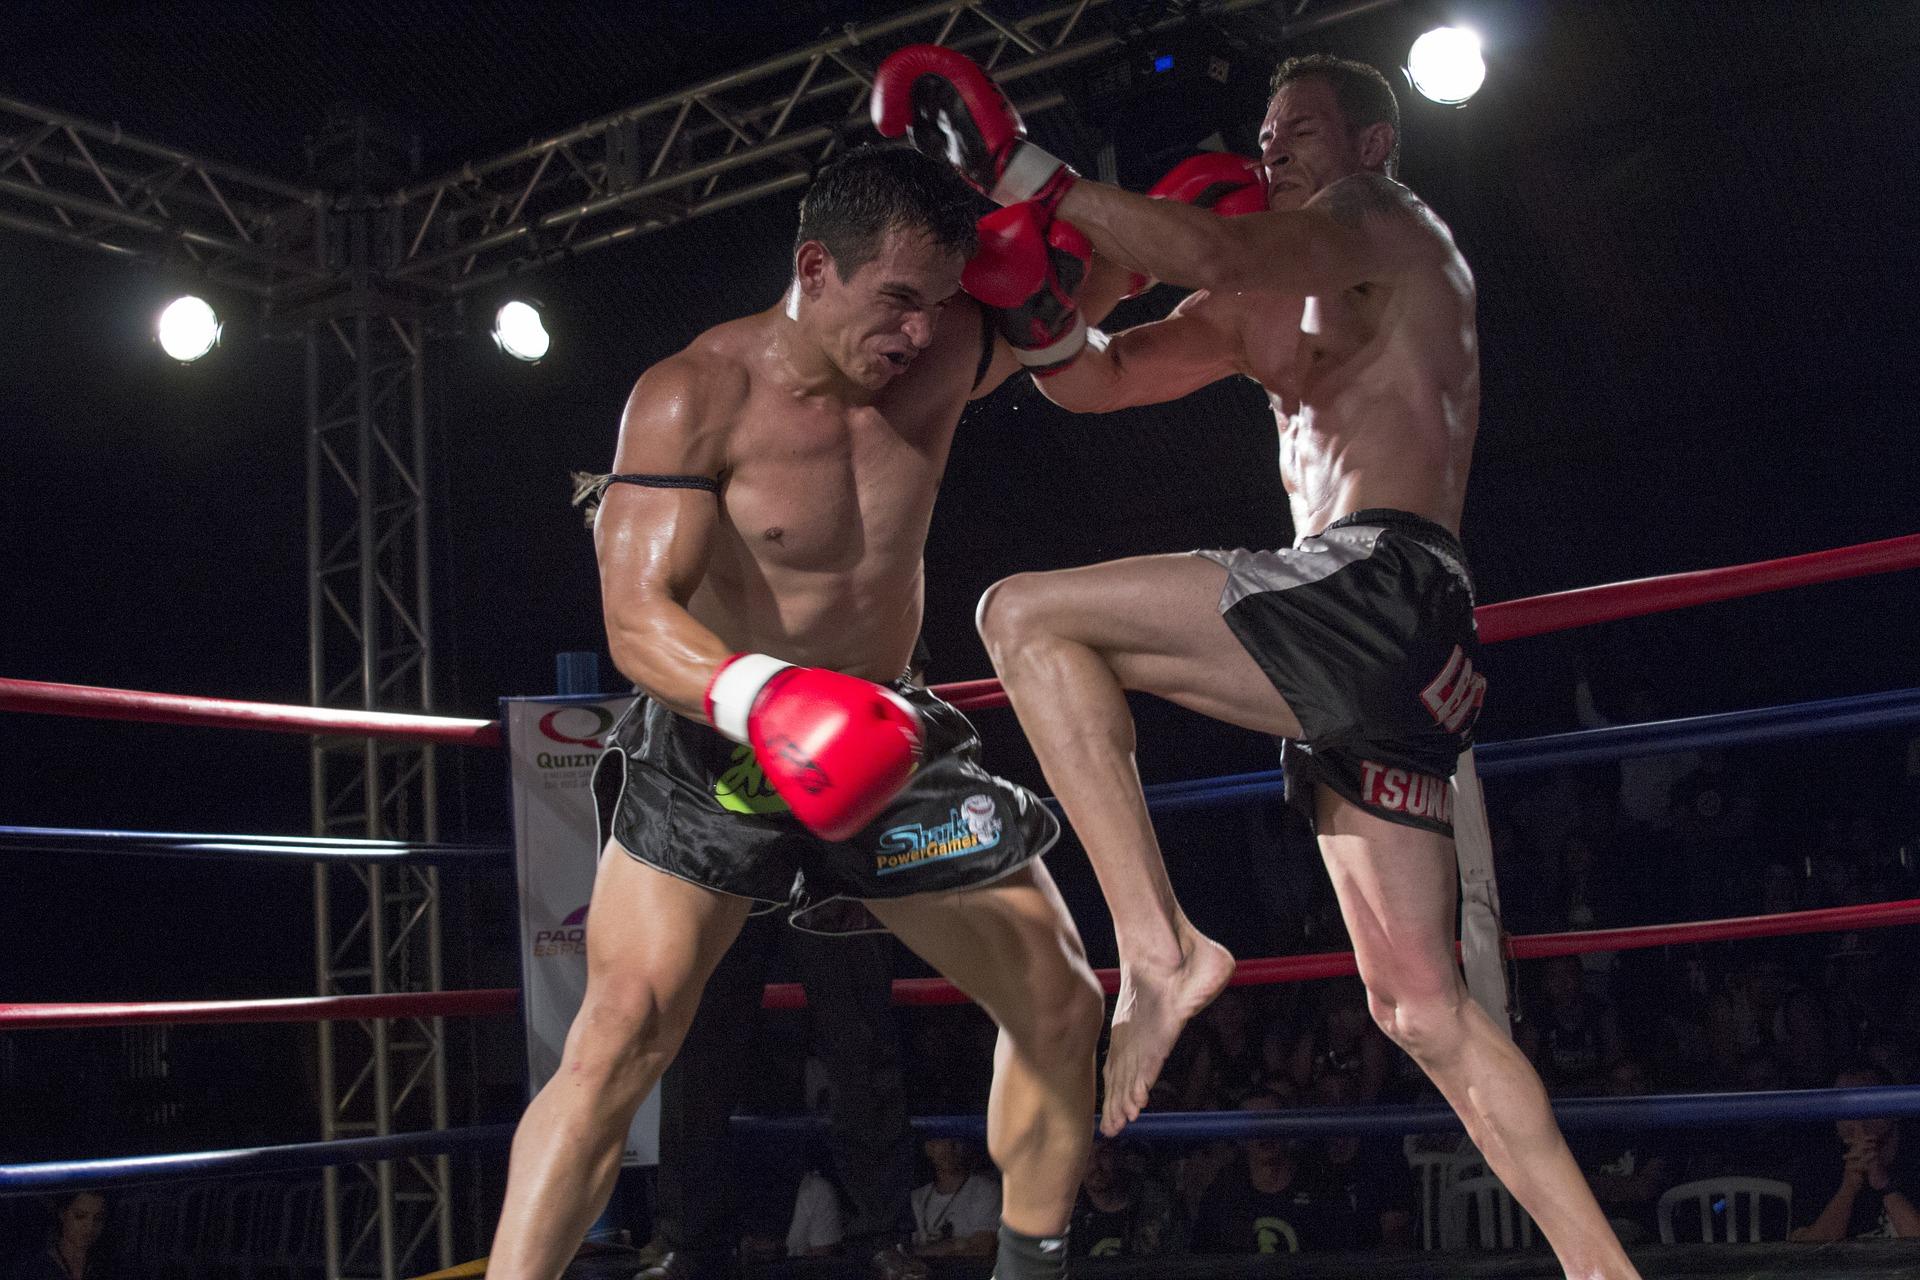 Imagem de dois homens lutando muay thai.